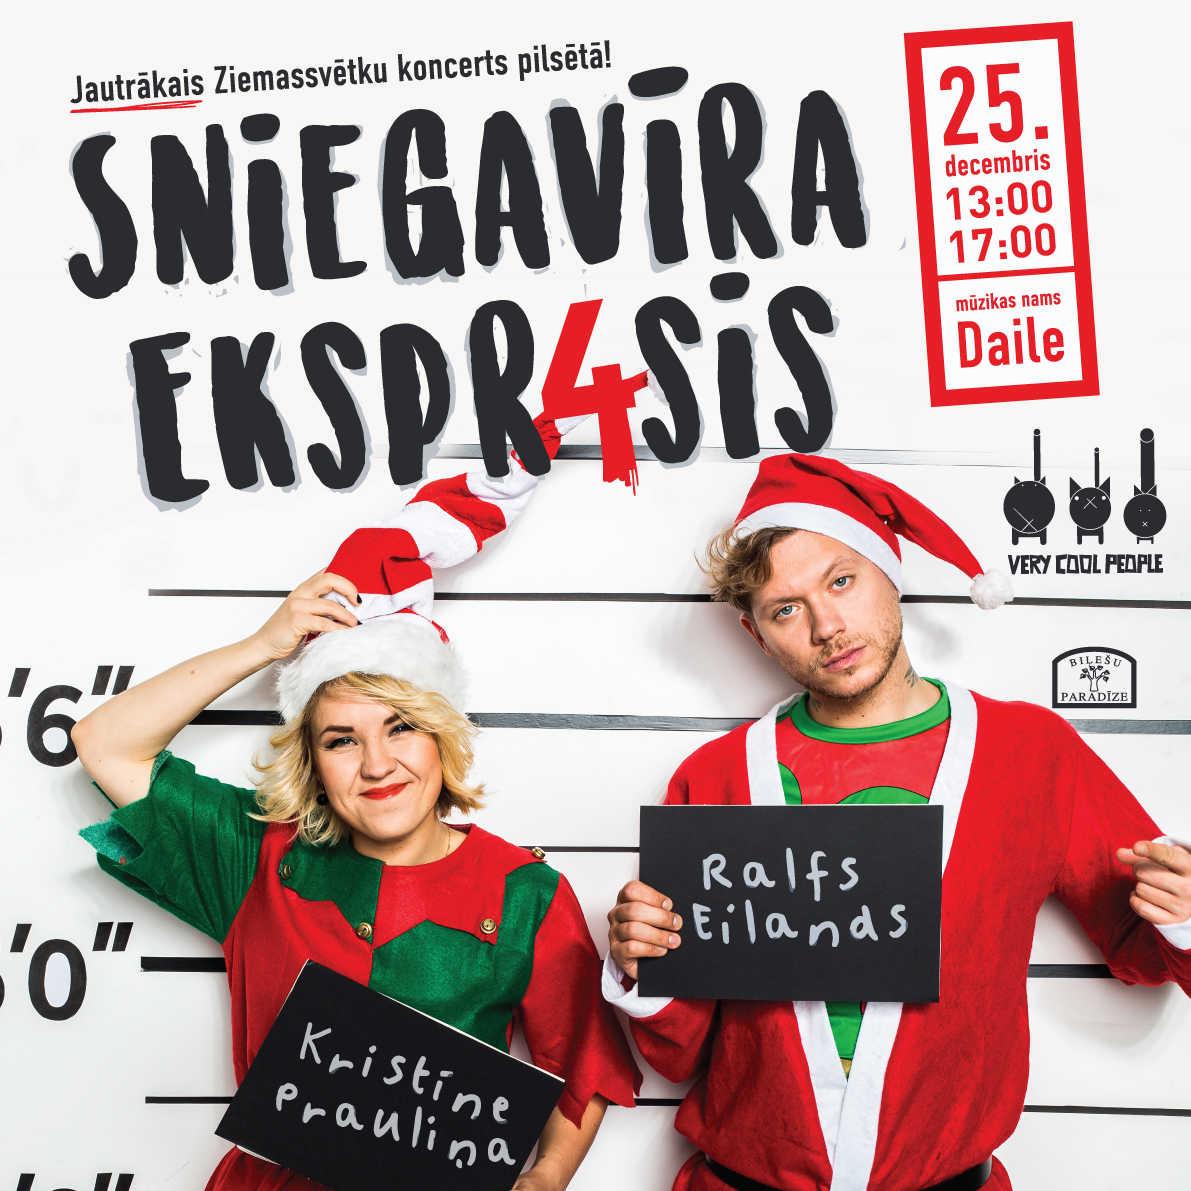 SNIEGAVĪRA EKSPRESIS / Ralfs Eilands,Kristīne Prauliņa & Very Cool People/